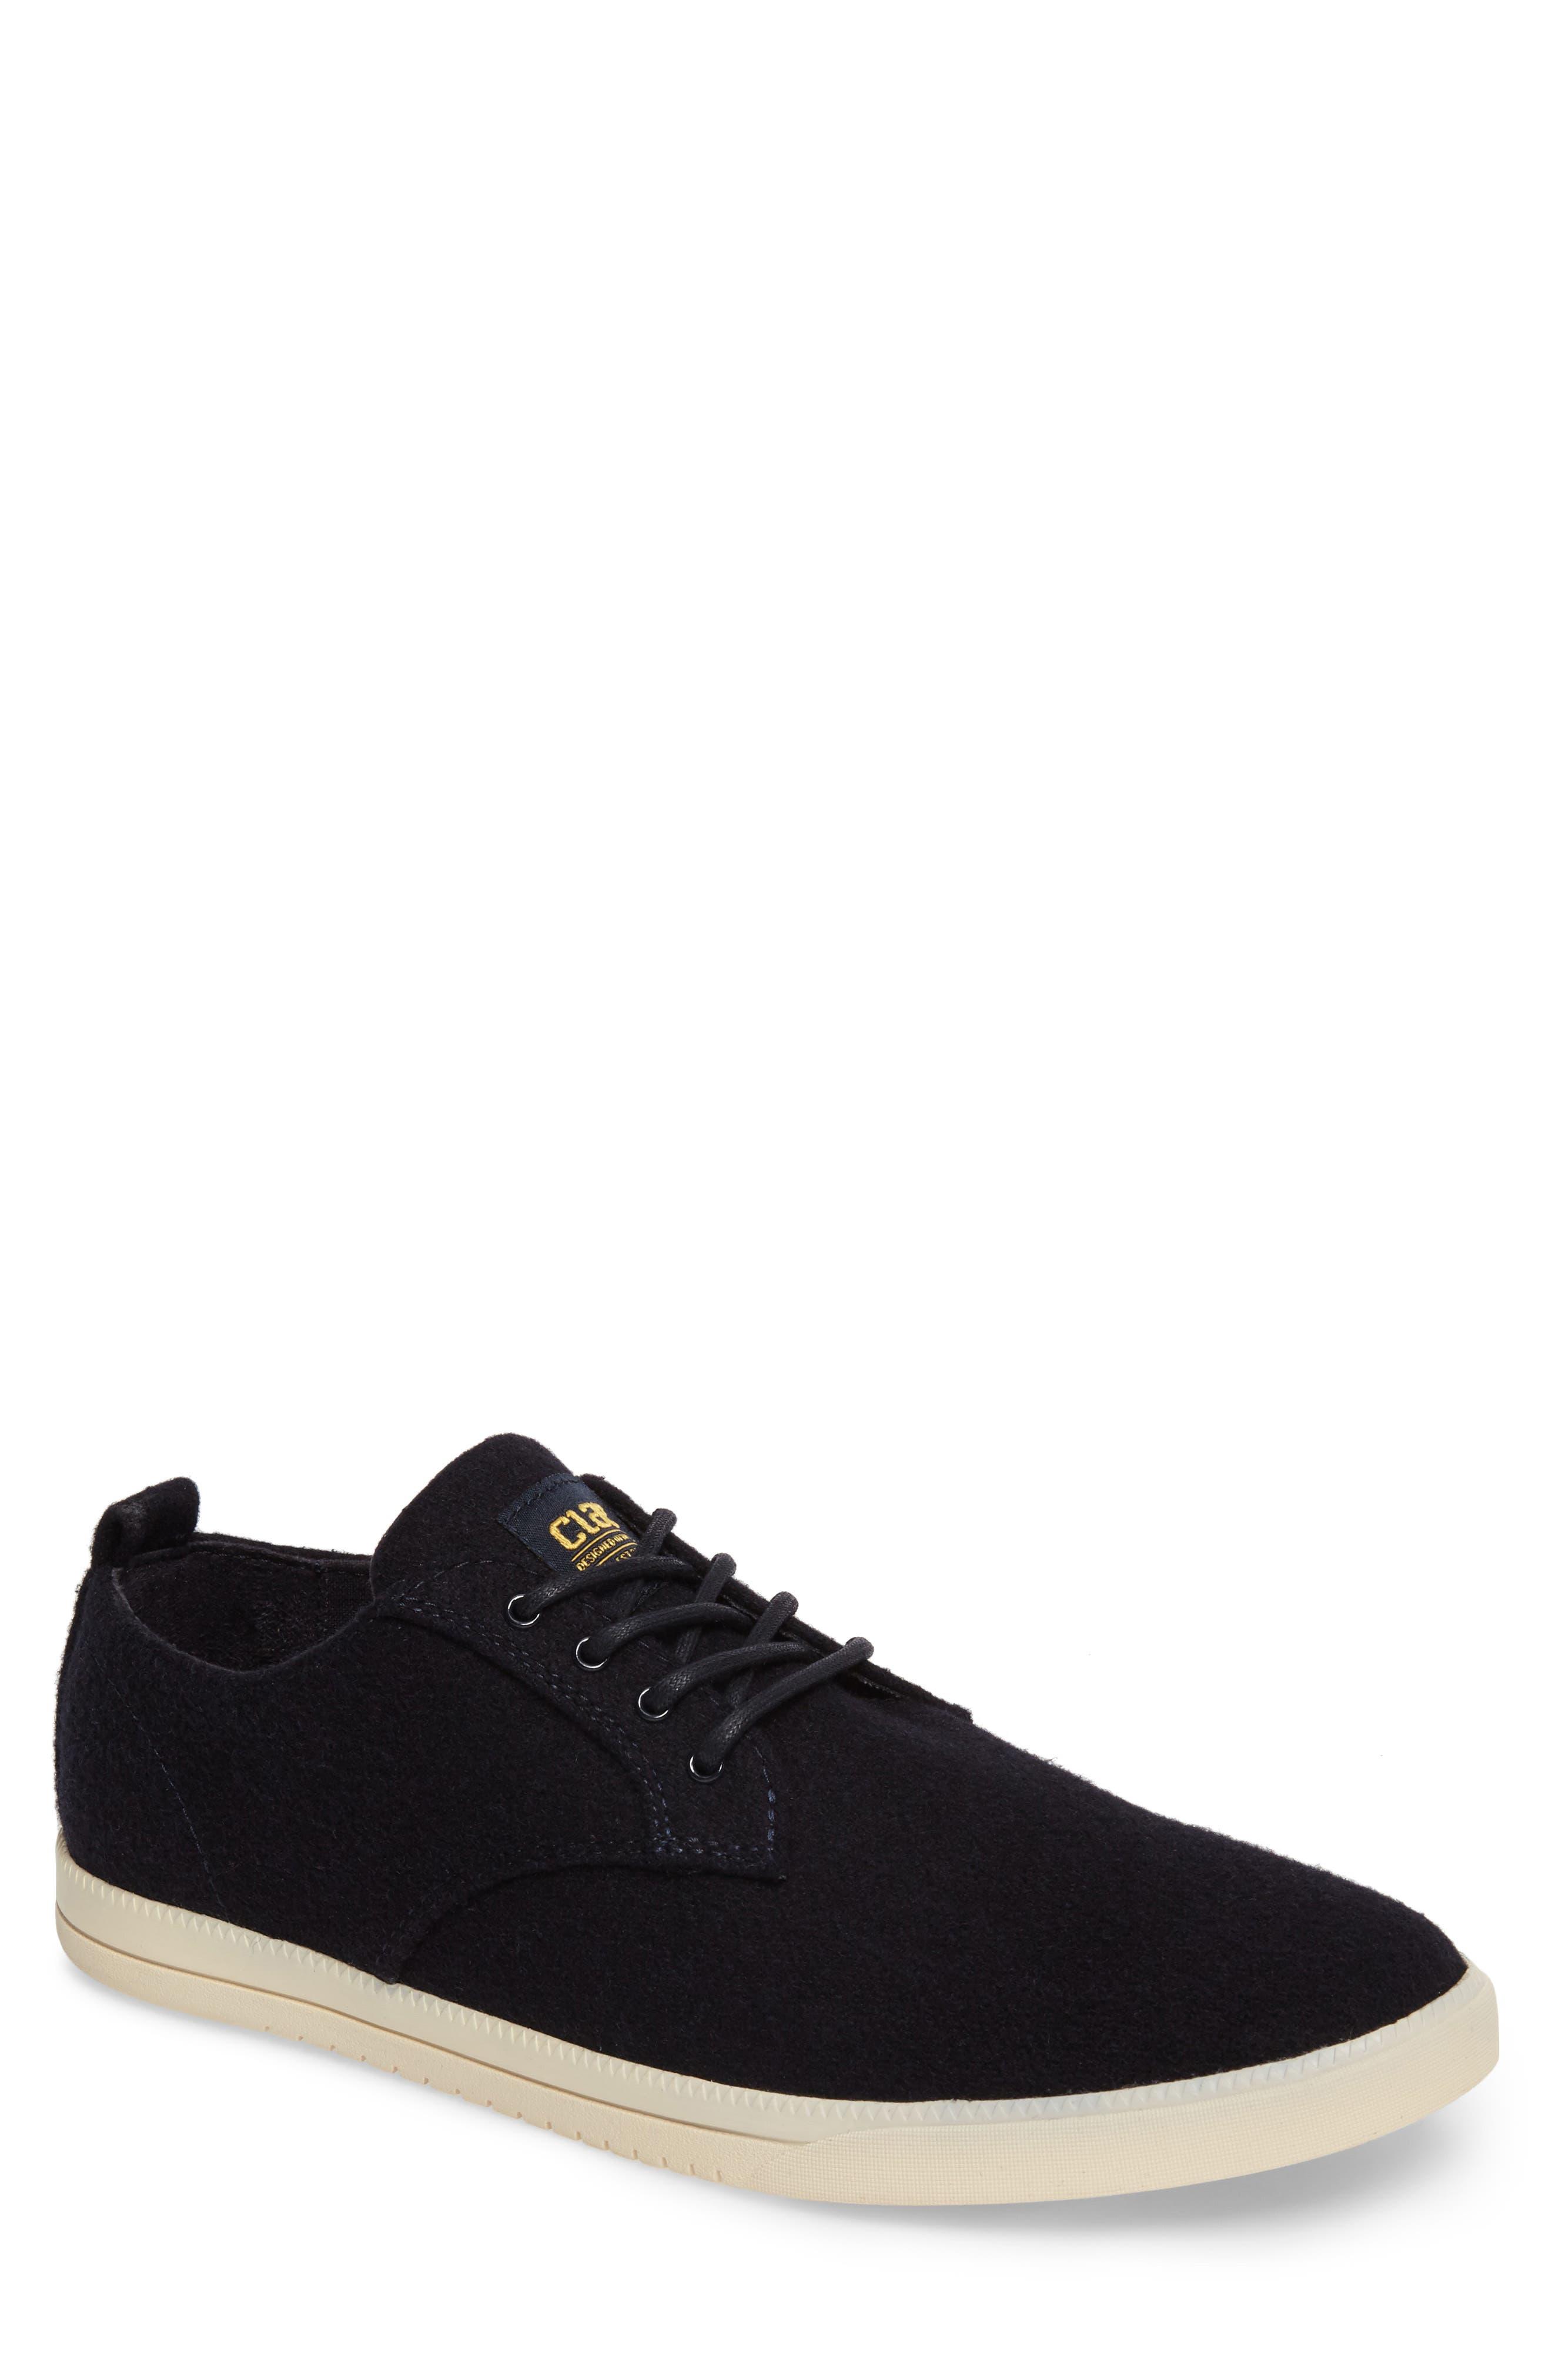 Clae 'Ellington' Sneaker Men fashion shoes clearance  hot sale online